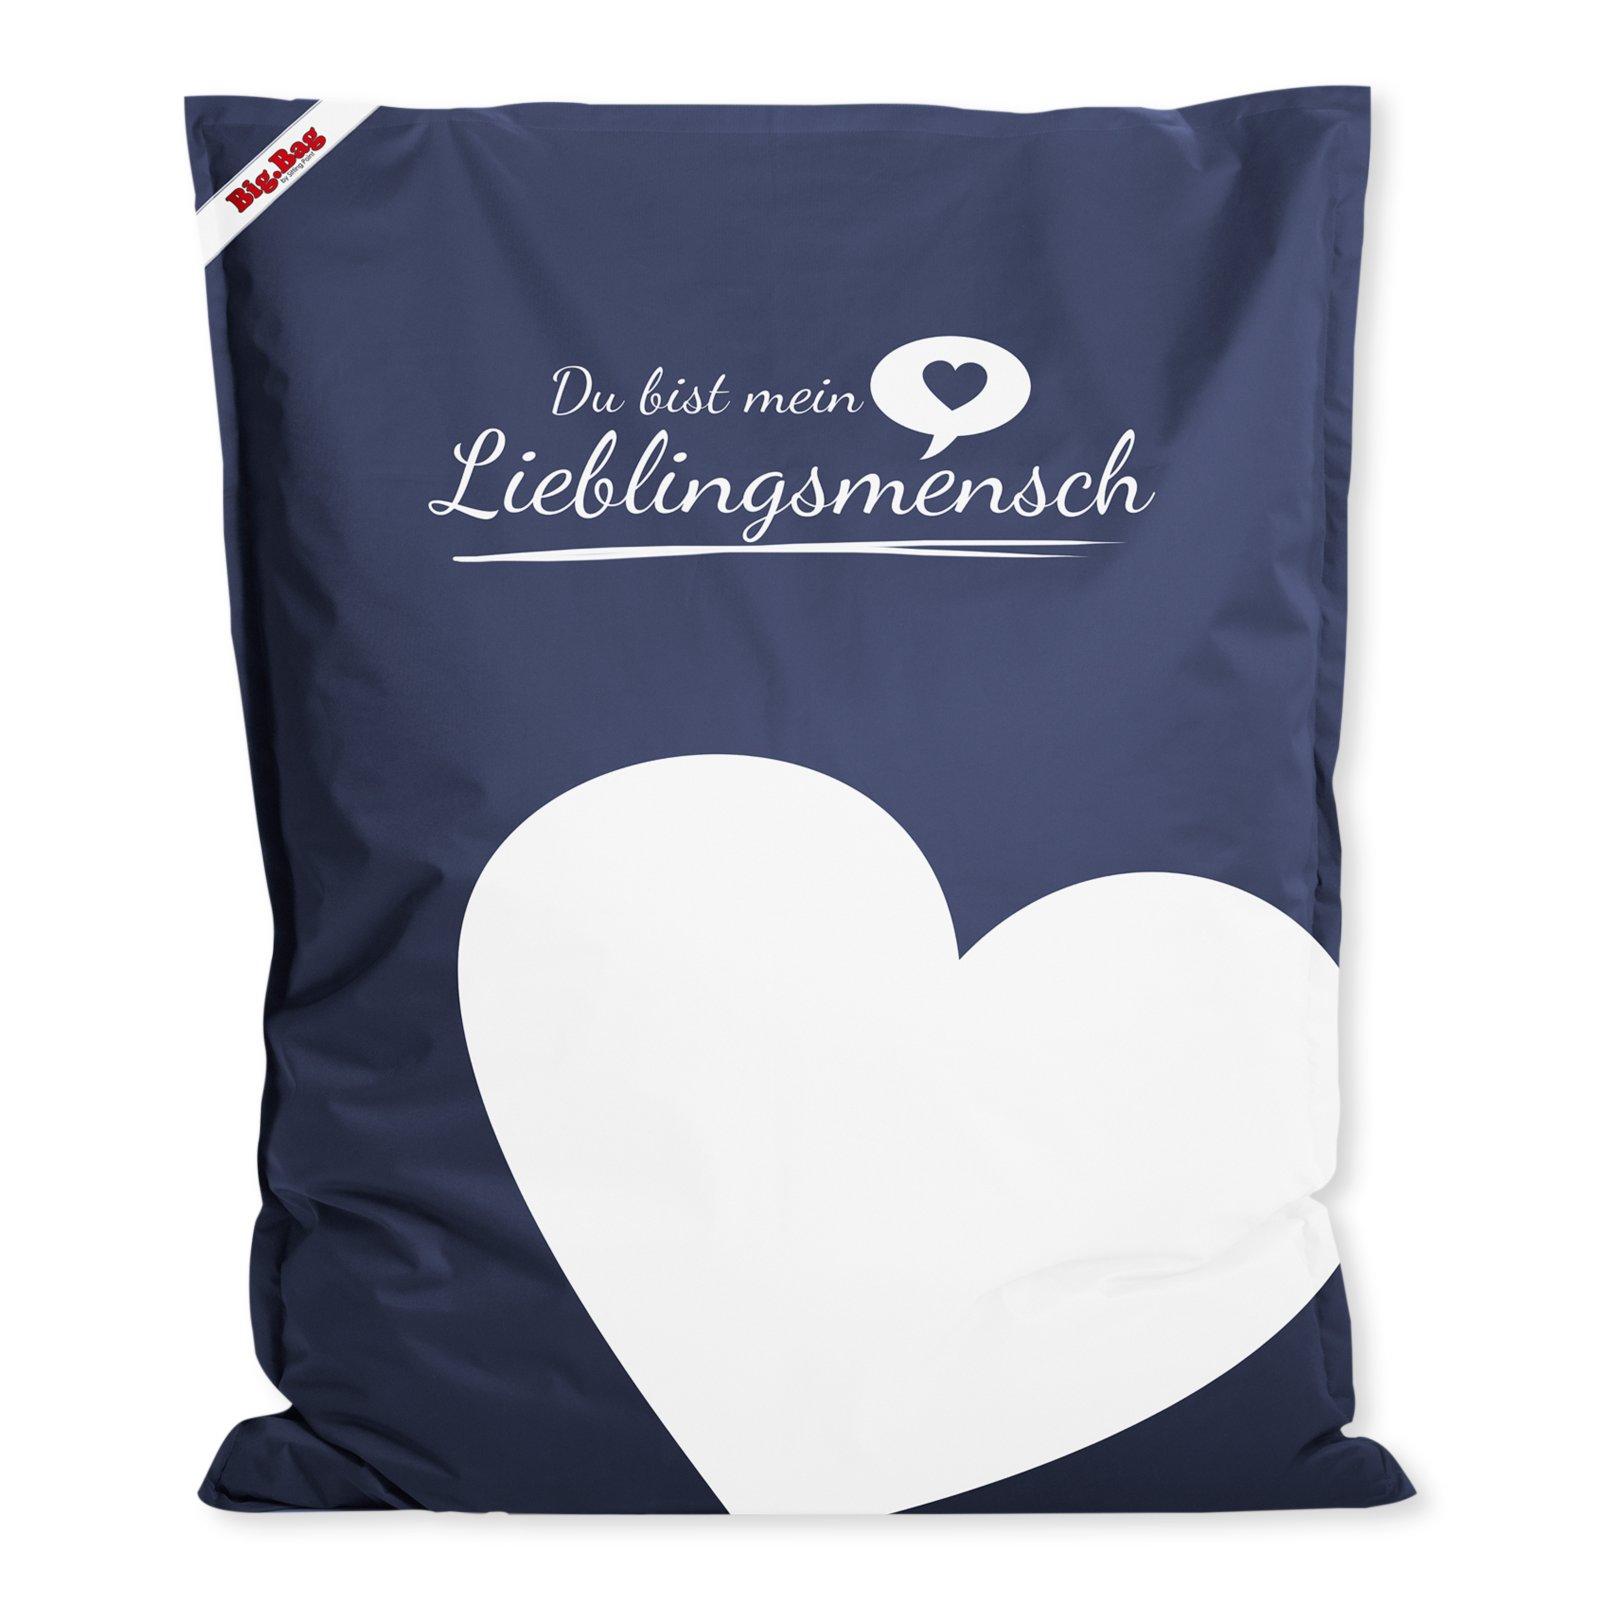 sitzsack big bag jeansblau lieblingsmensch 130x170 cm sitzs cke kinder jugendzimmer. Black Bedroom Furniture Sets. Home Design Ideas